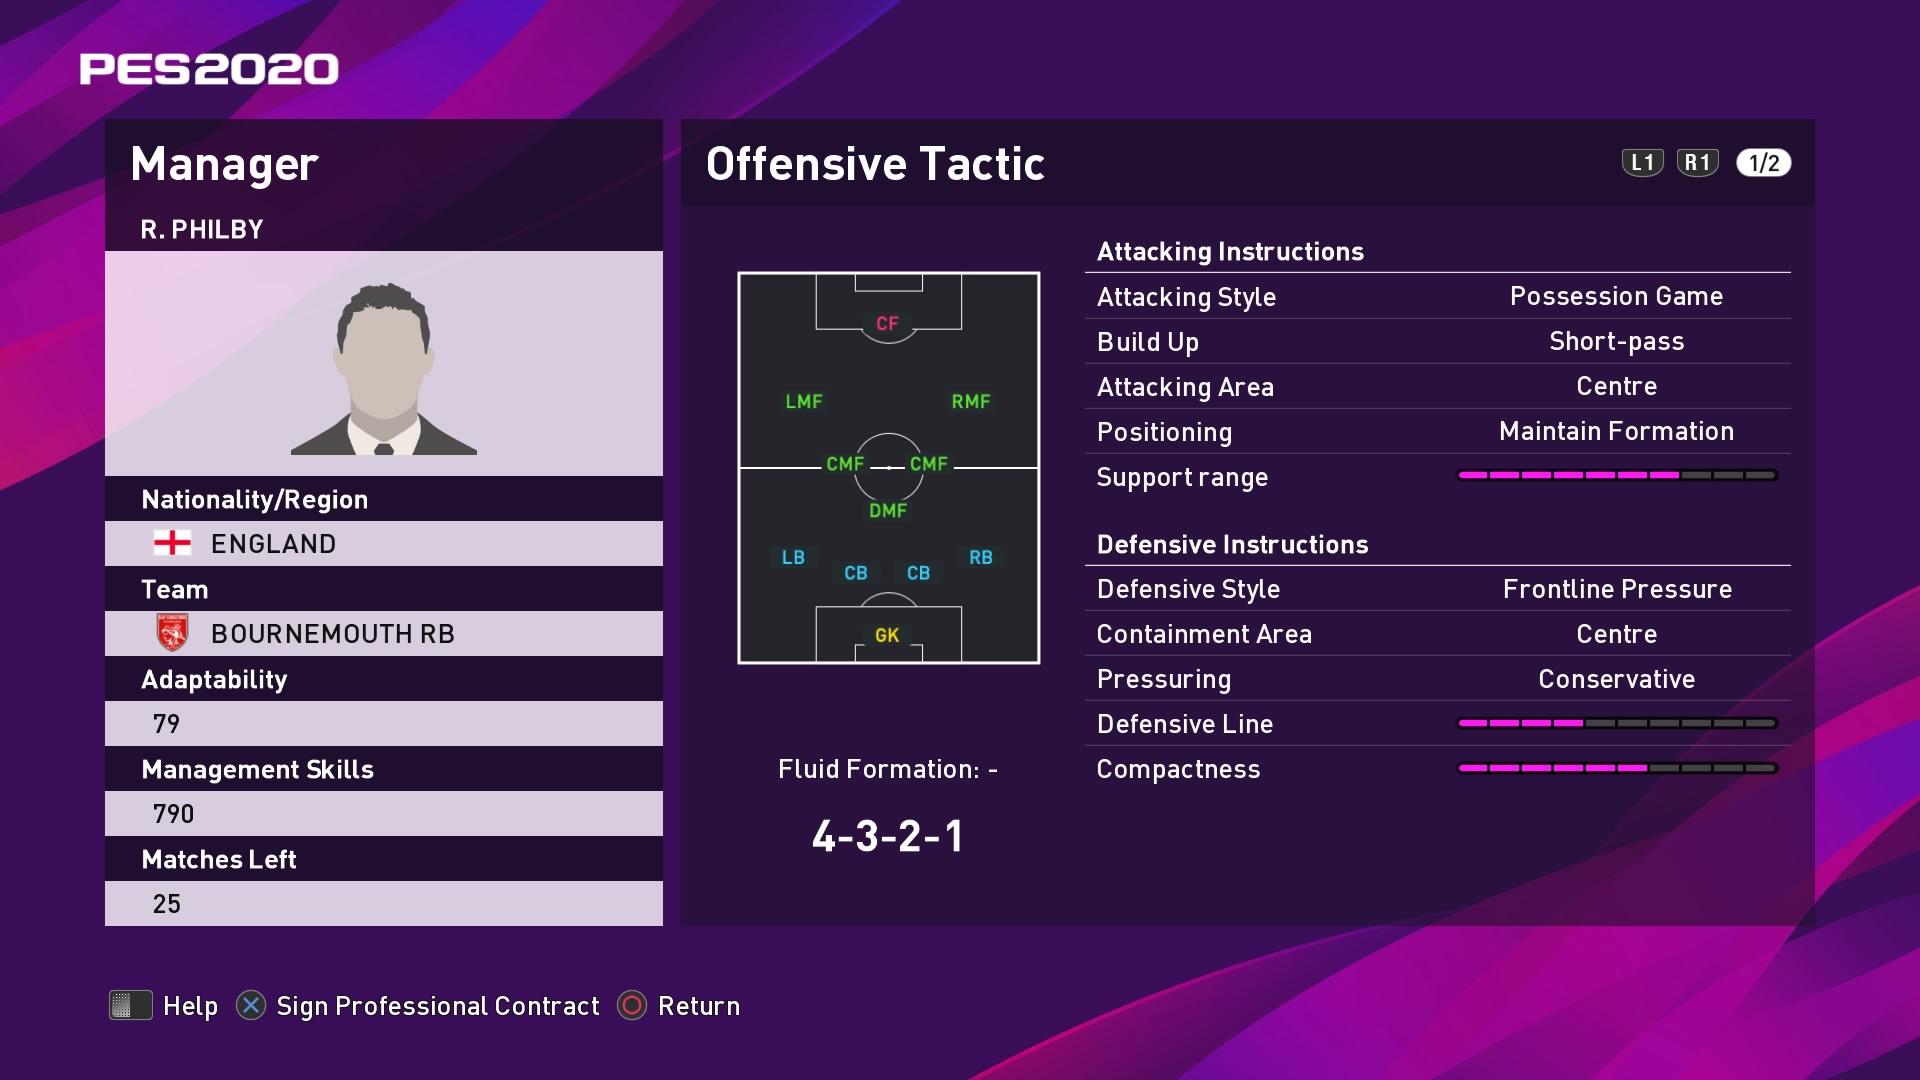 R. Philby (Eddie Howe) Offensive Tactic in PES 2020 myClub